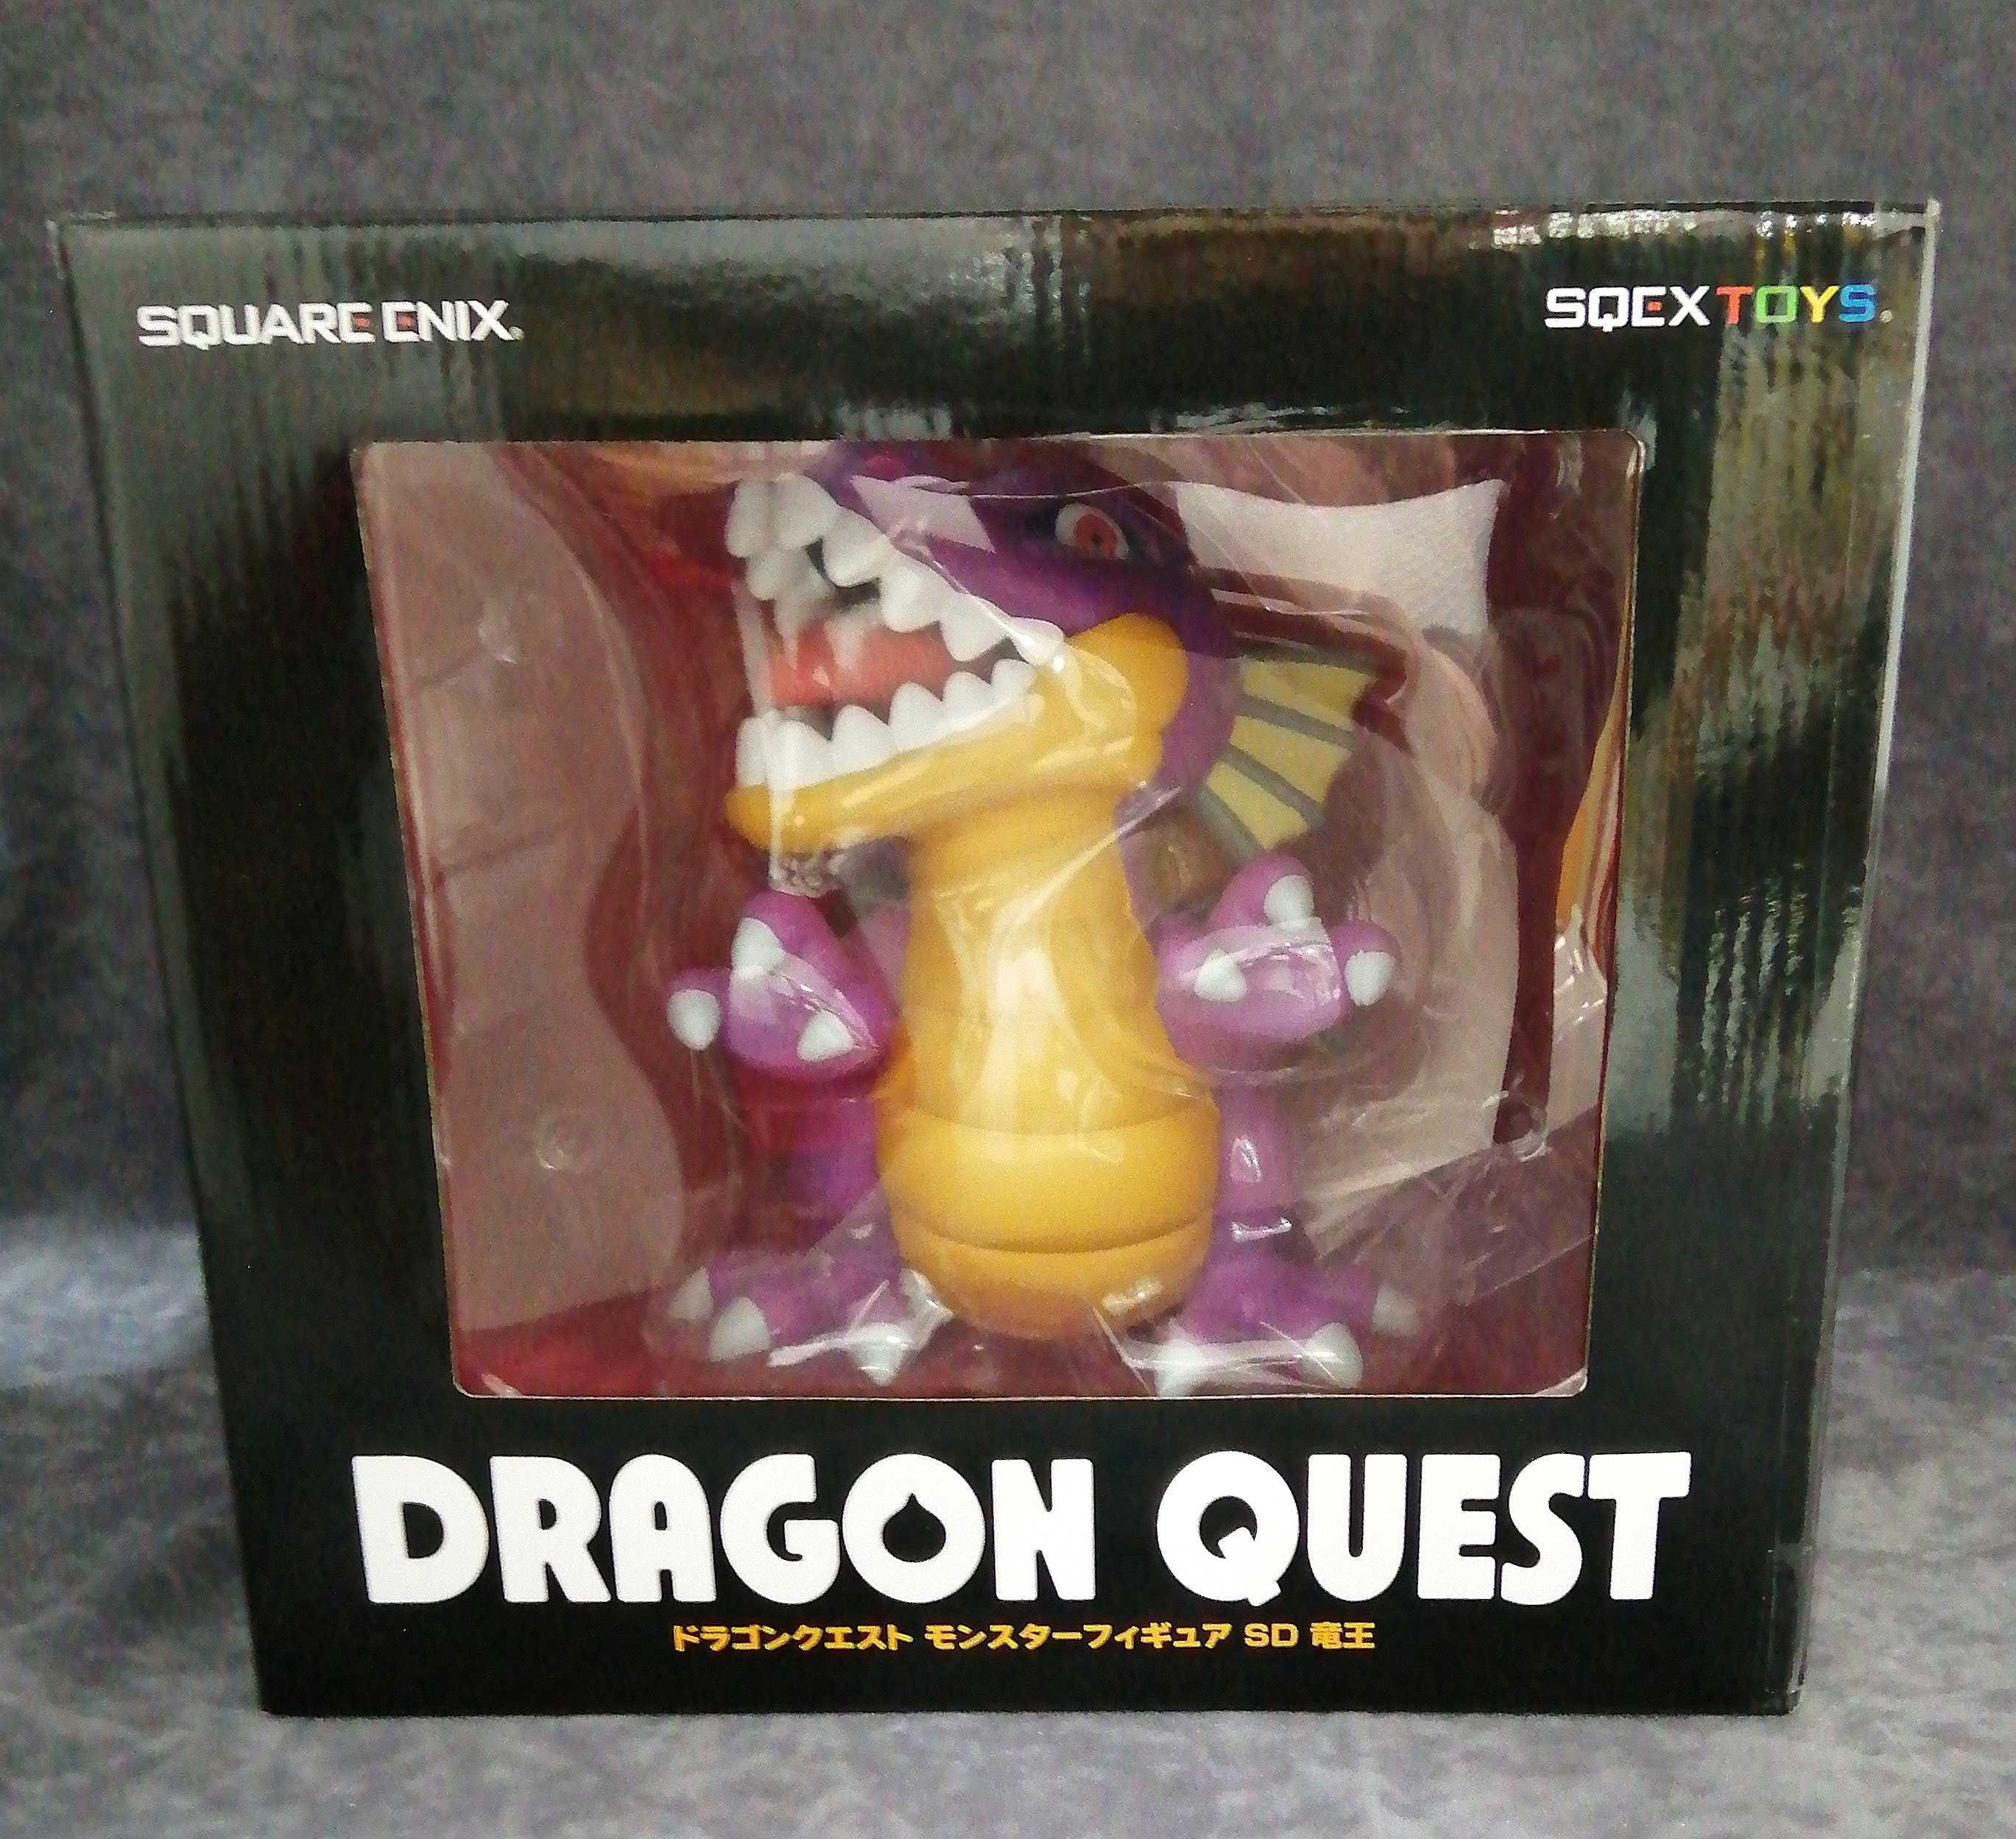 ドラゴンクエストモンスターフィギュア SQUARE ENIX